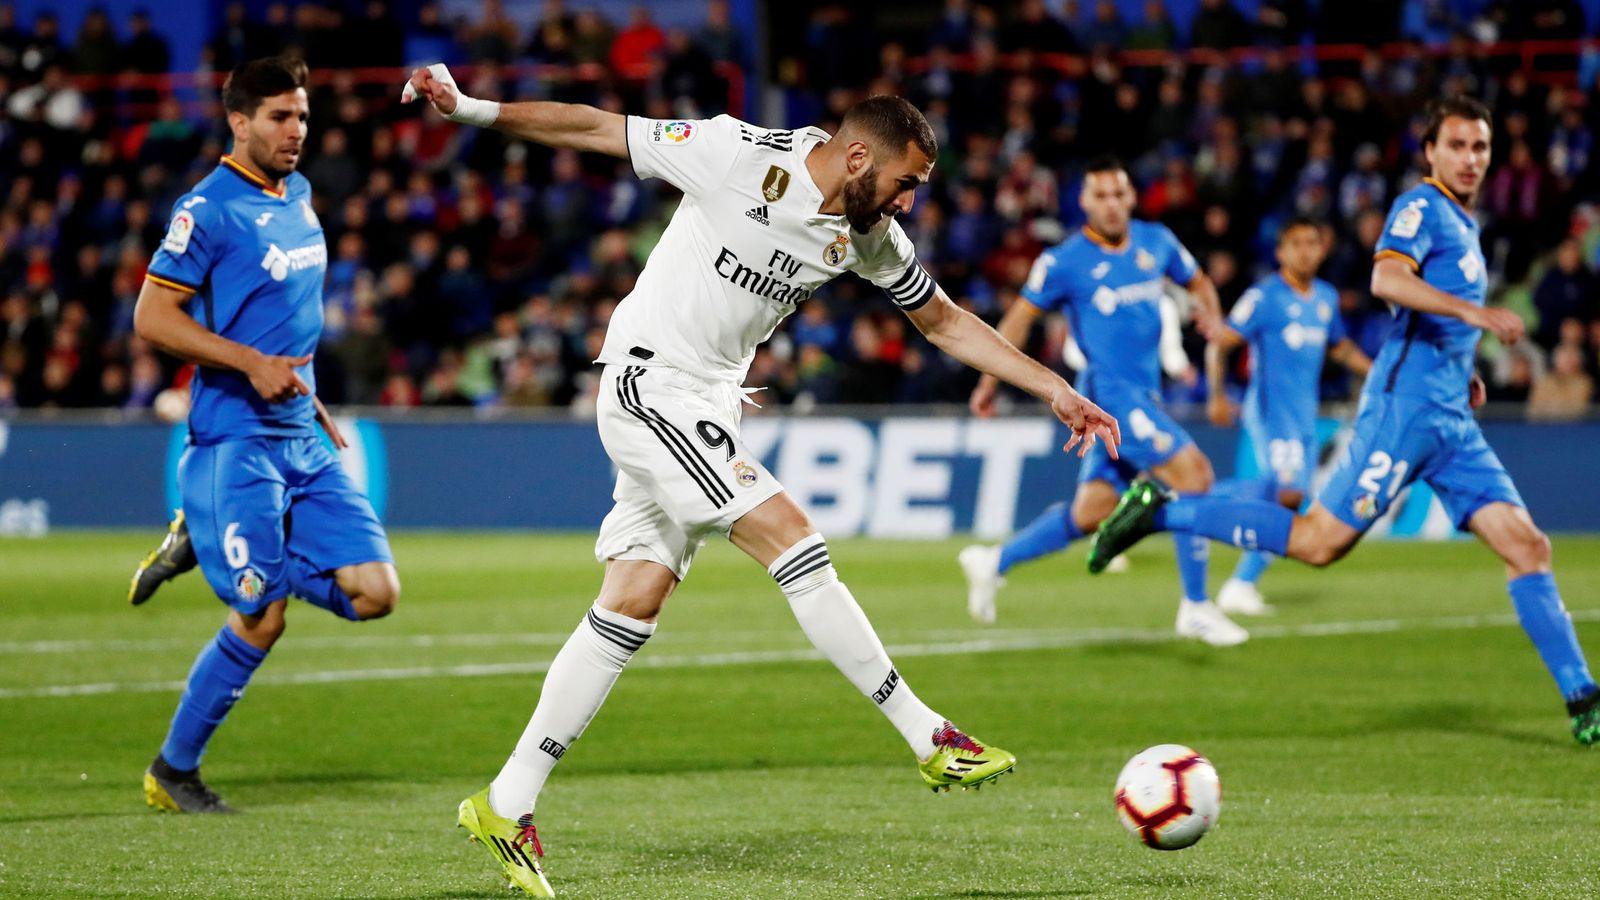 Resultado De La Liga Santander En Directo Getafe Vs Real: Real Madrid En Directo: Resumen, Goles Y Resultado